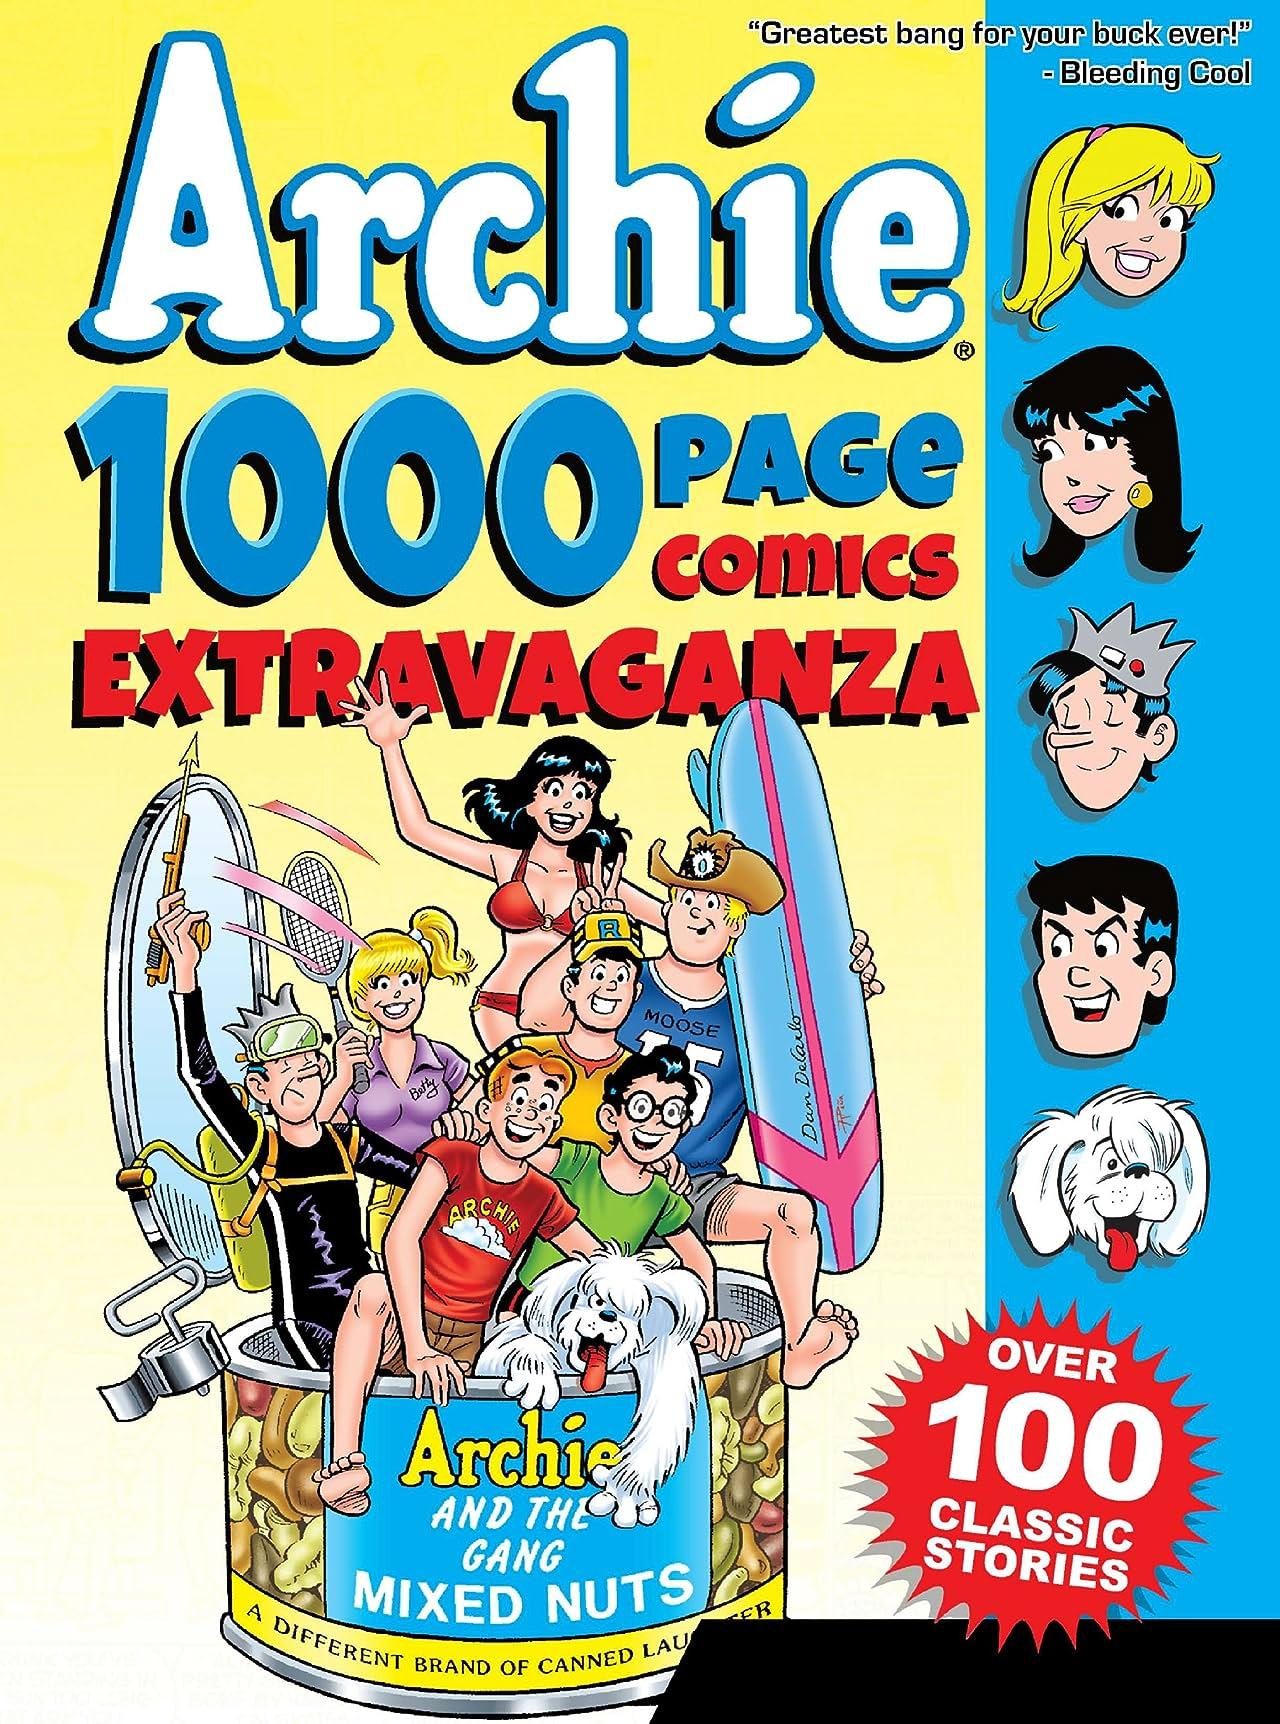 Archie 1000 Page Extravaganza